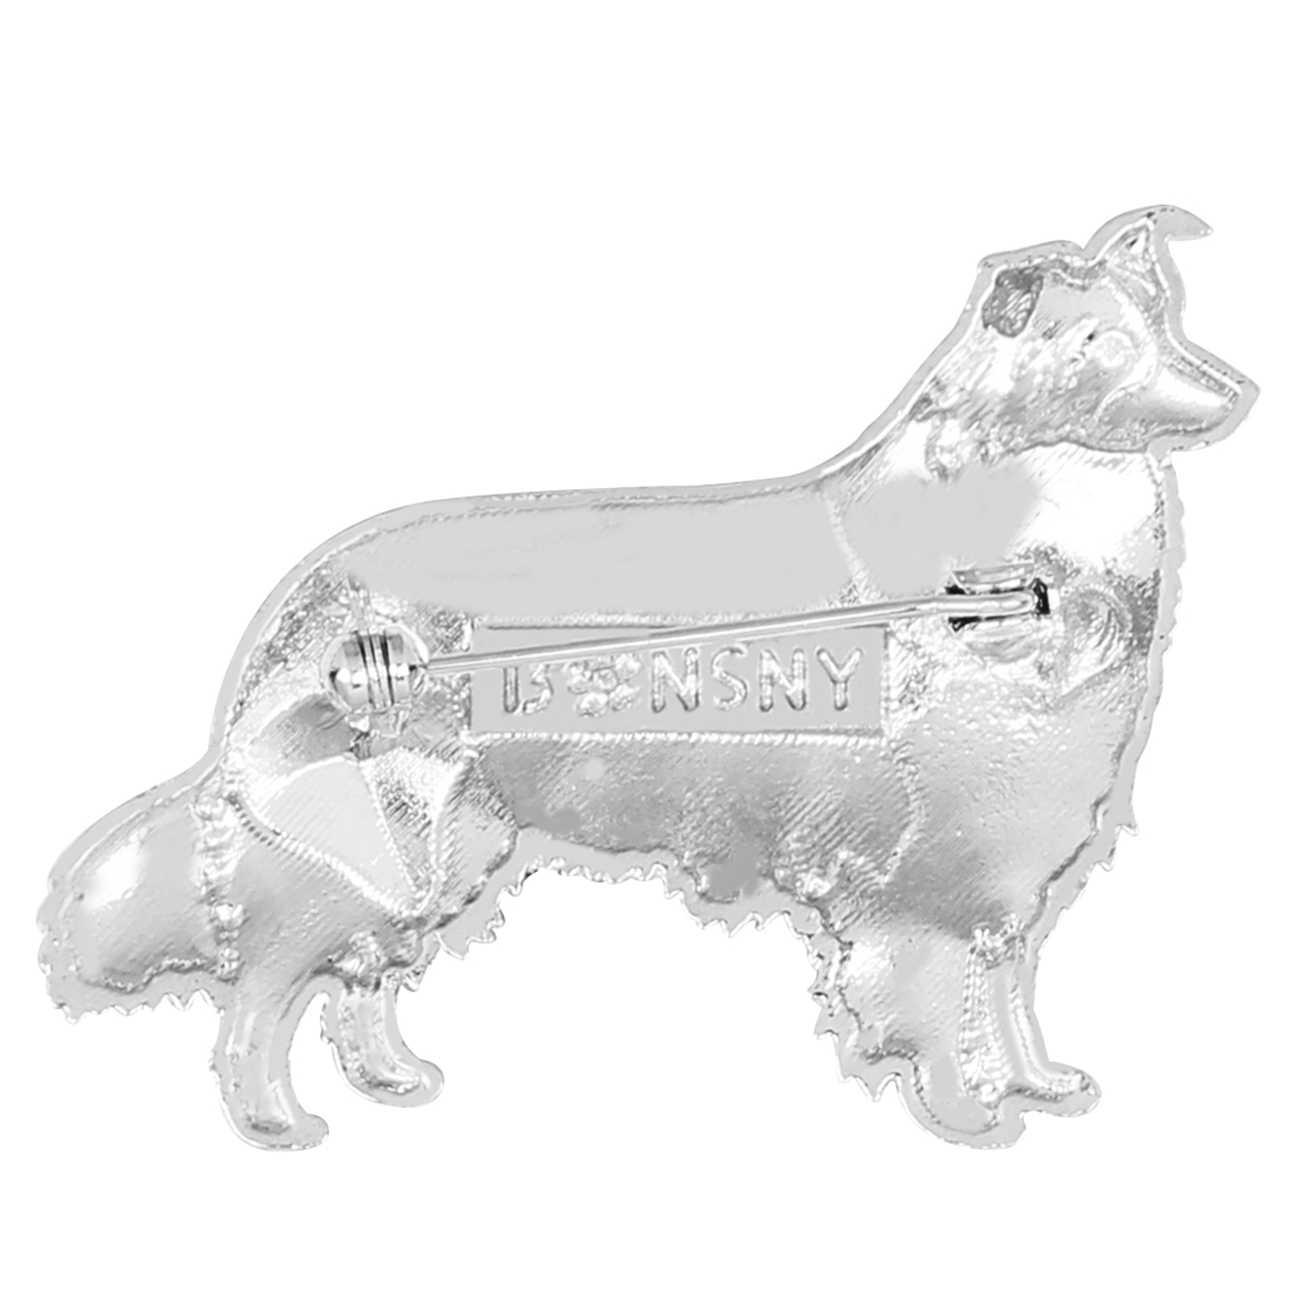 WEVENI Men Hợp Kim Rhinestone Biên Giới Collie Dog Trâm Cài Động Vật Trang Sức Pin Pin Cho Phụ Nữ Cô Gái Món Quà Khăn Trang Trí Phụ Kiện